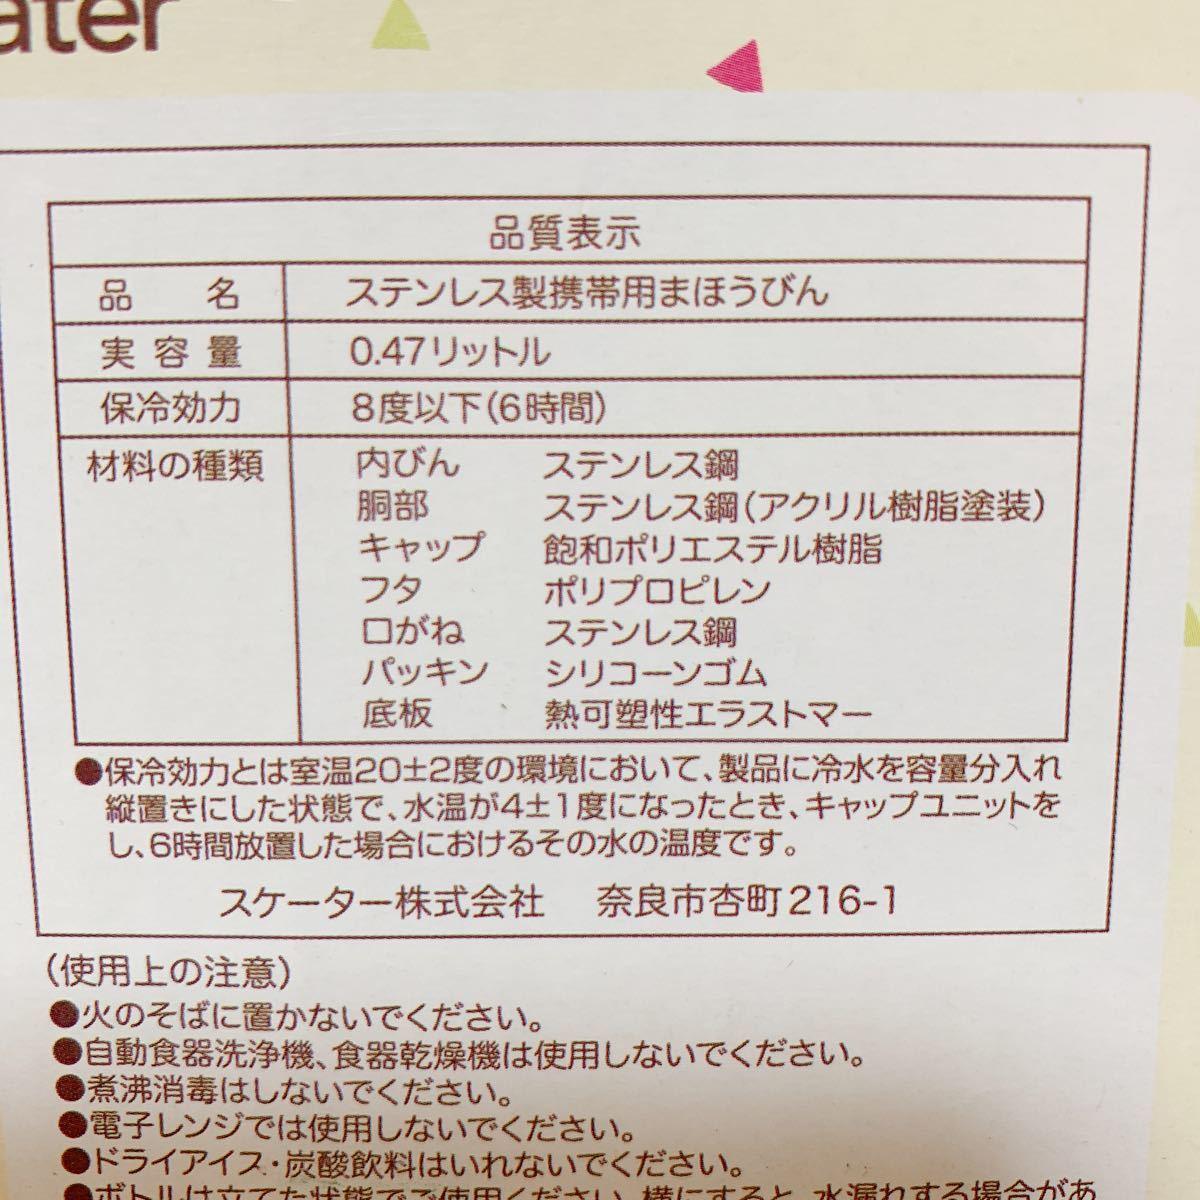 すみっコぐらし☆超軽量 470ml  ダイレクトステンレスボトル